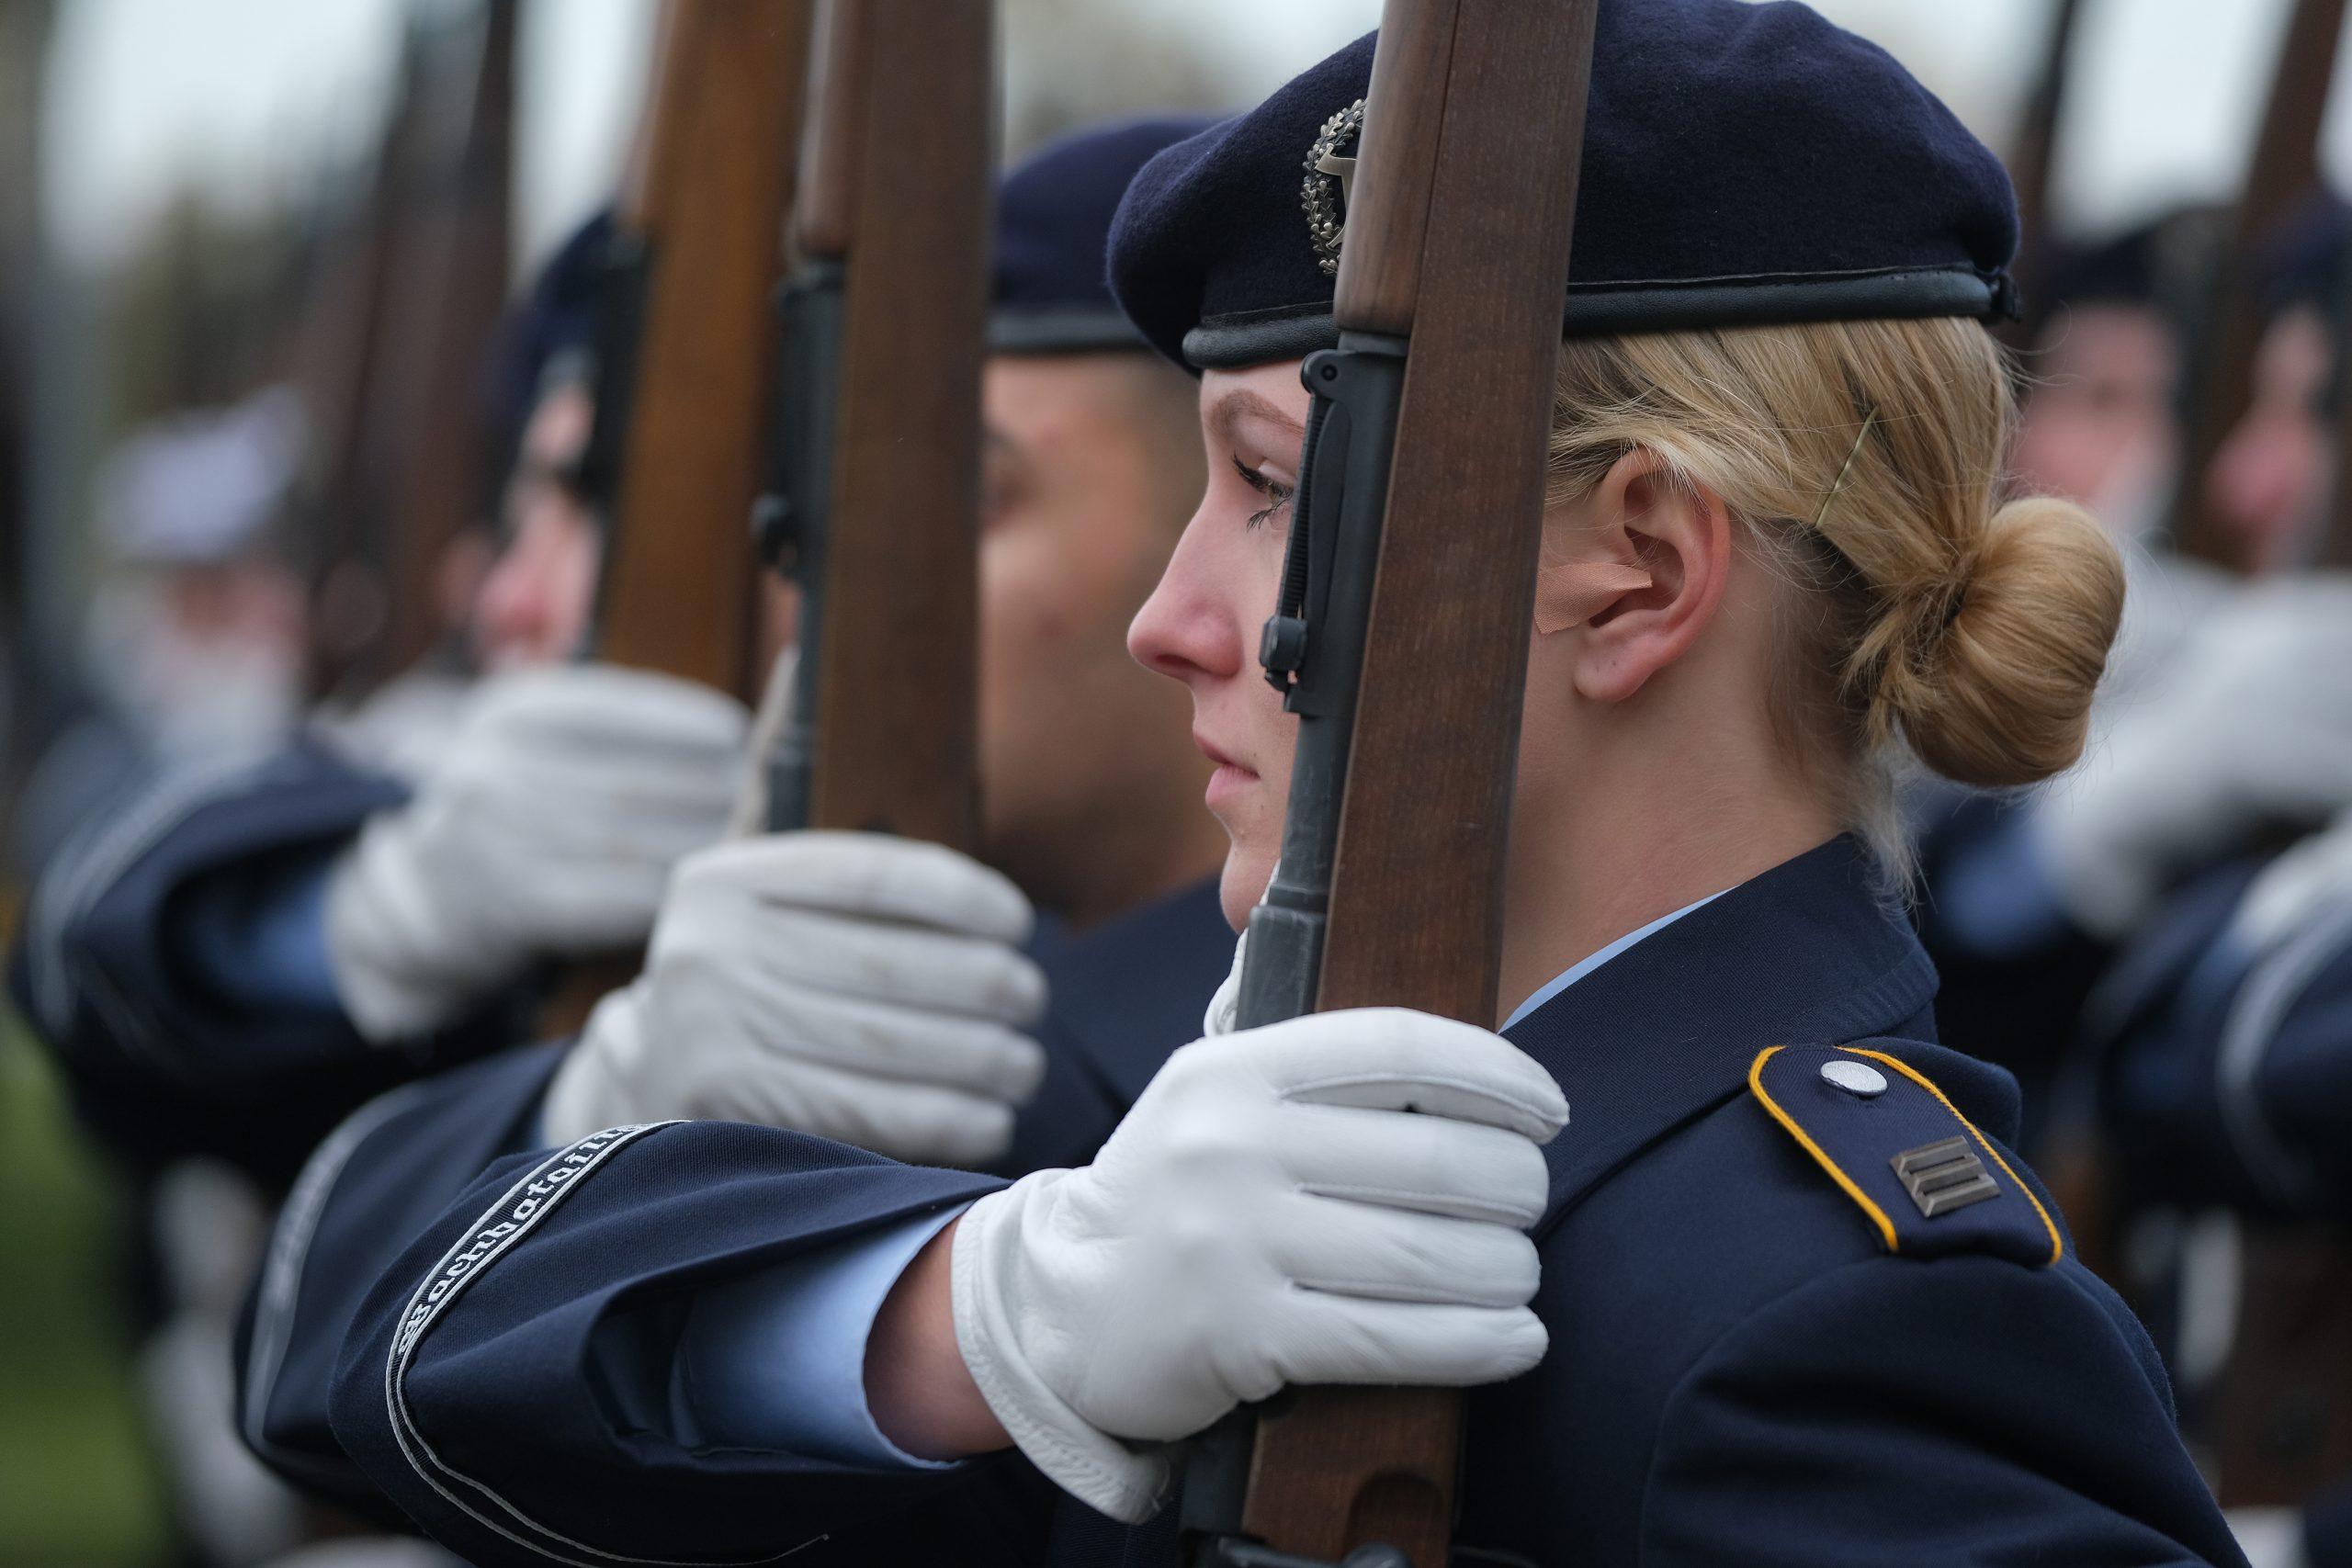 Weibliche Dienstgrade bei der Bundeswehr – Gleichberechtigung oder Genderwahn?